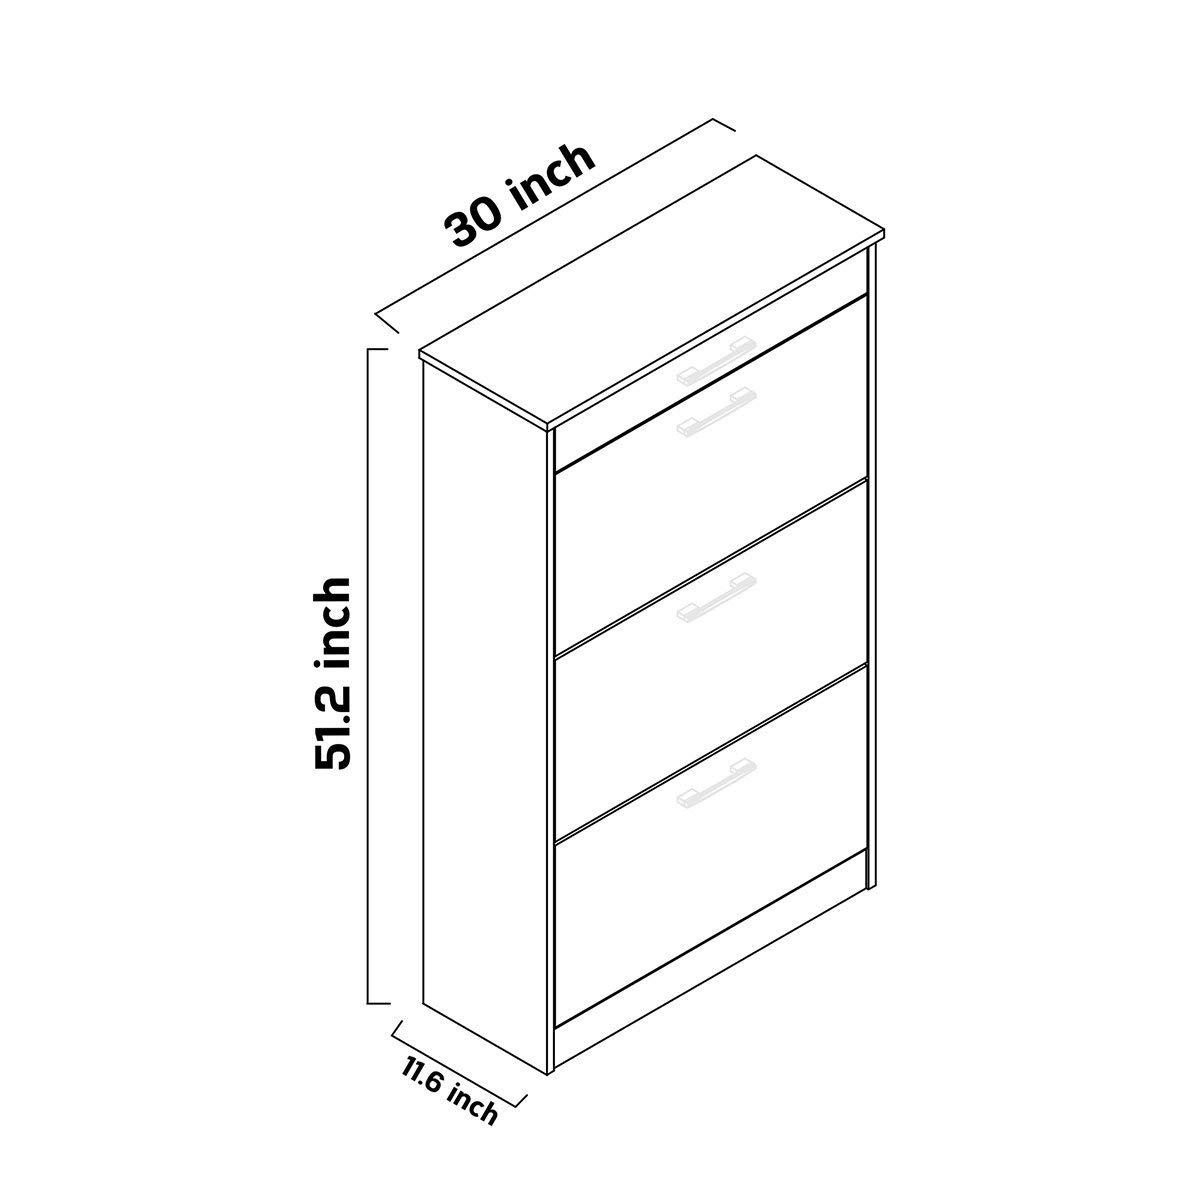 Adore SHC 431 PB 1 Contemporary Shoe Cabinet, High Gloss White